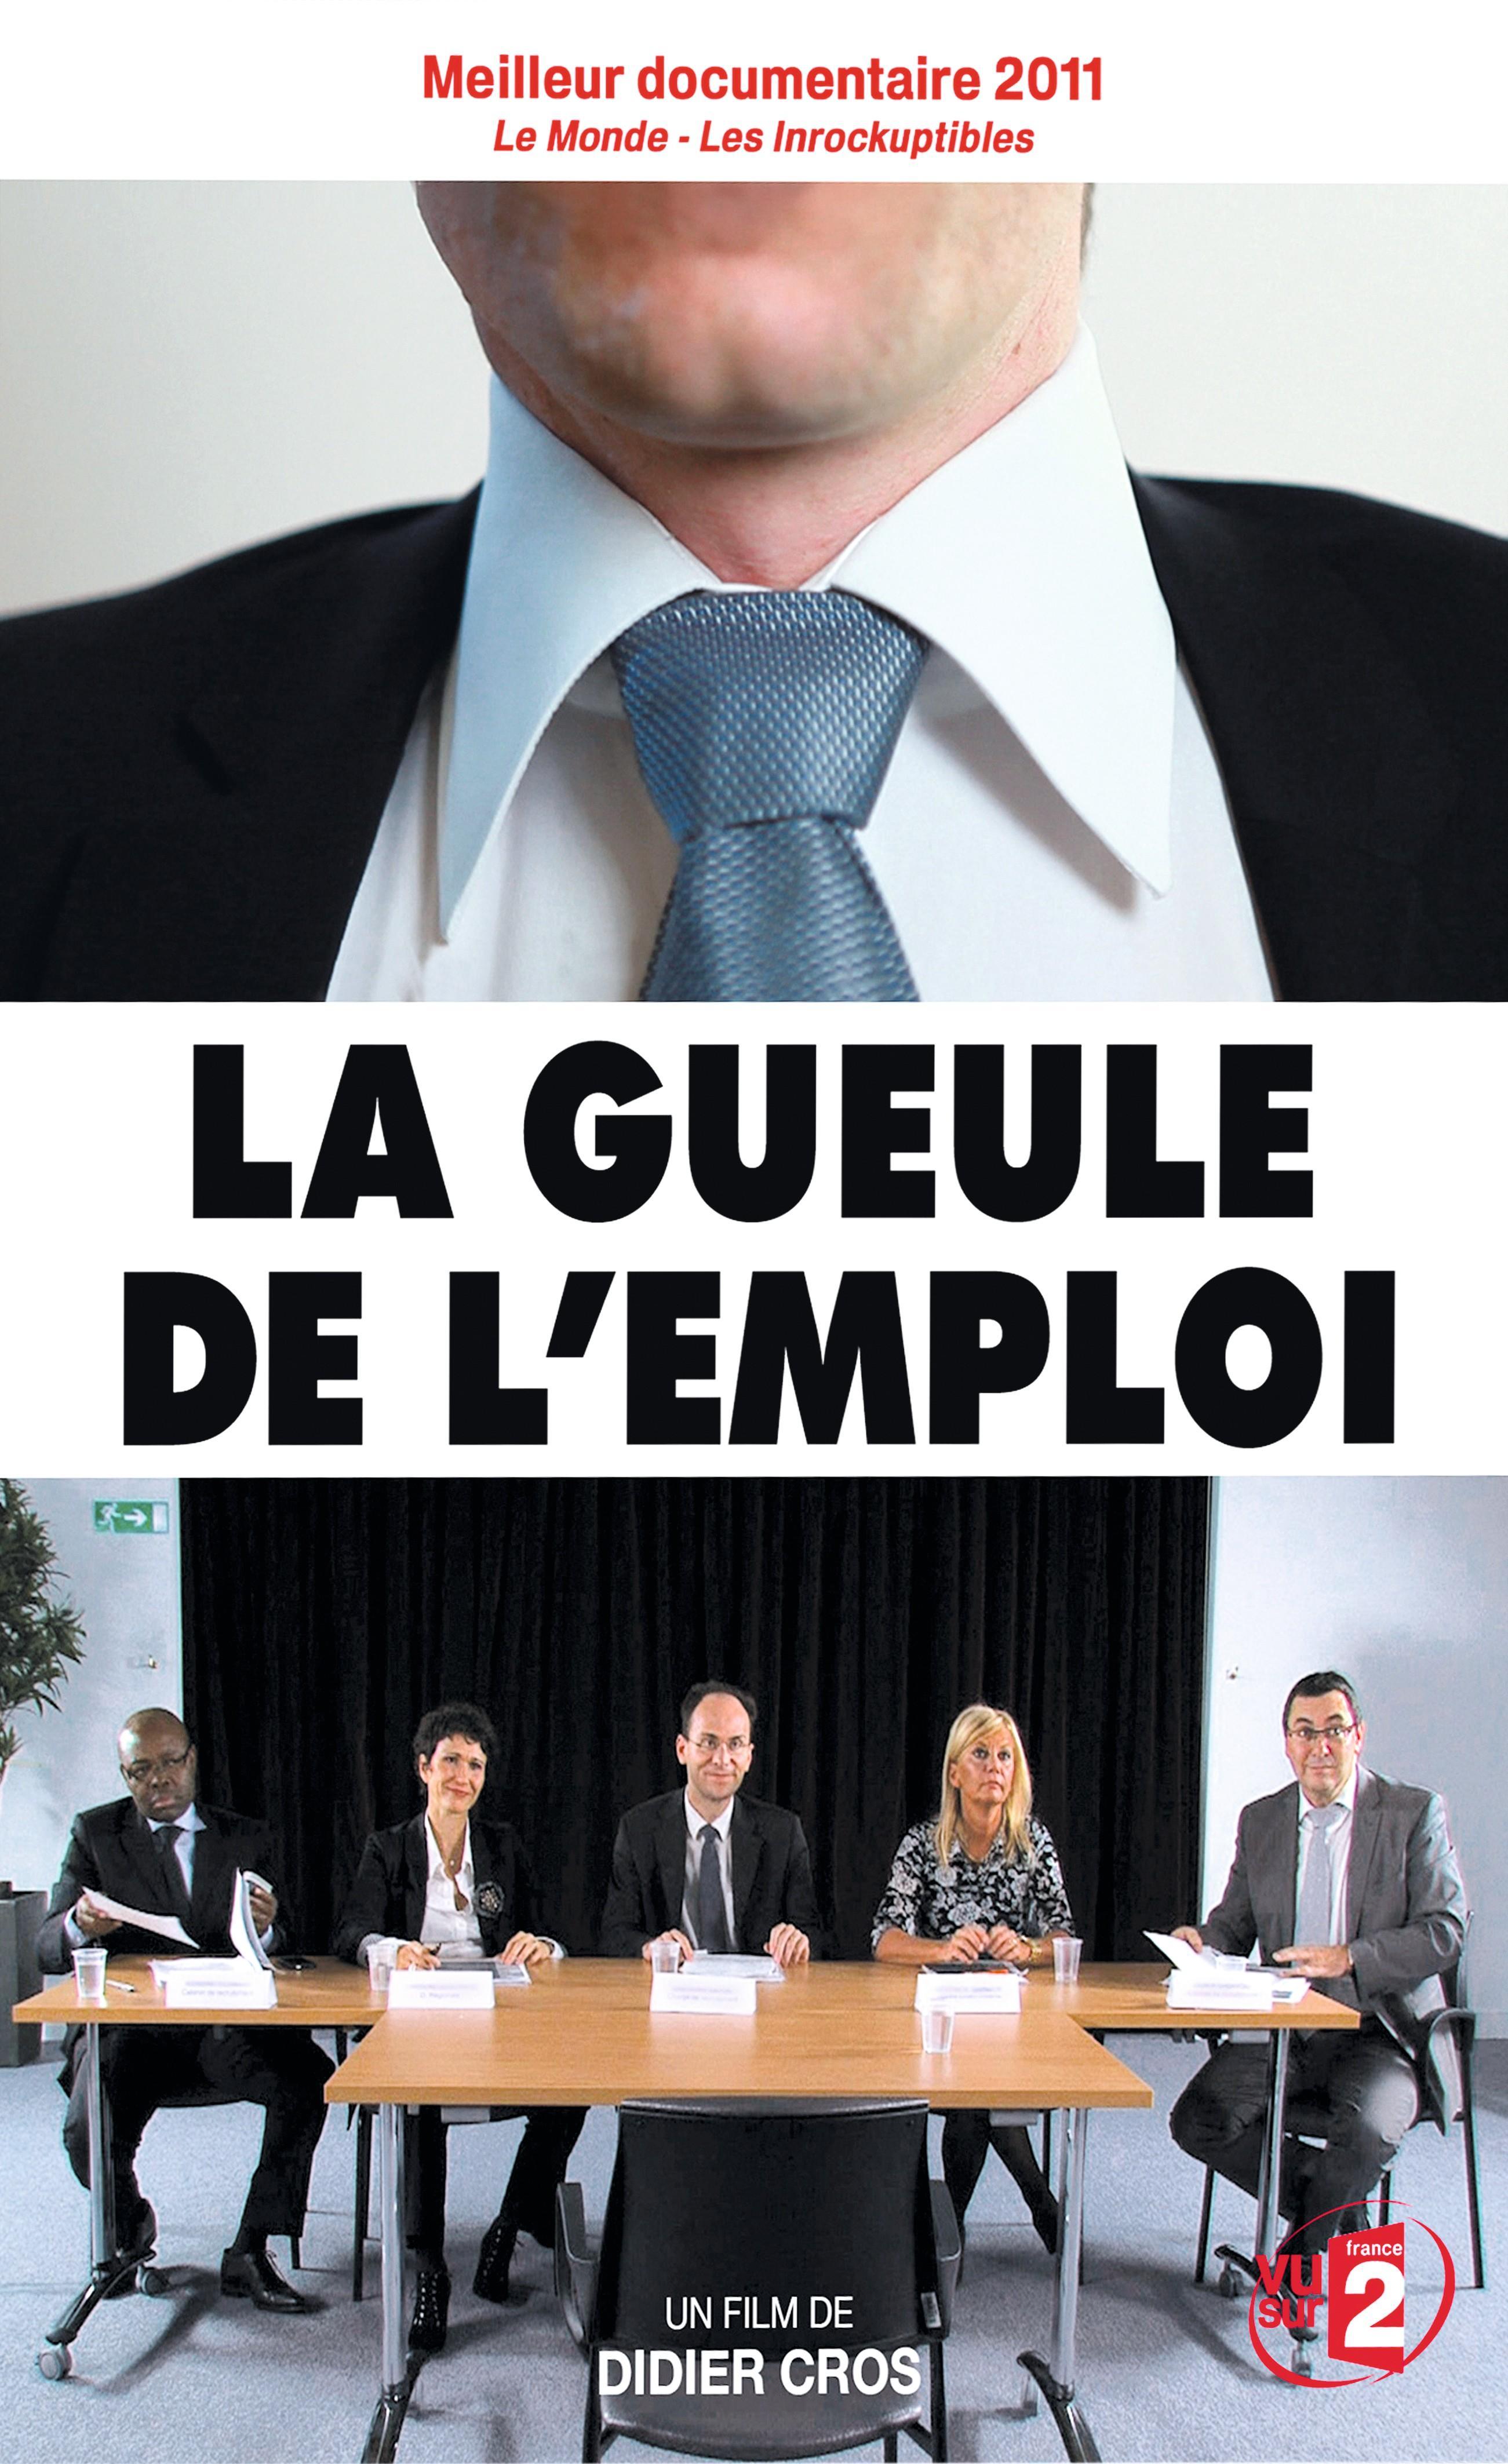 Les entretiens d'embauche vus par un film documentaire